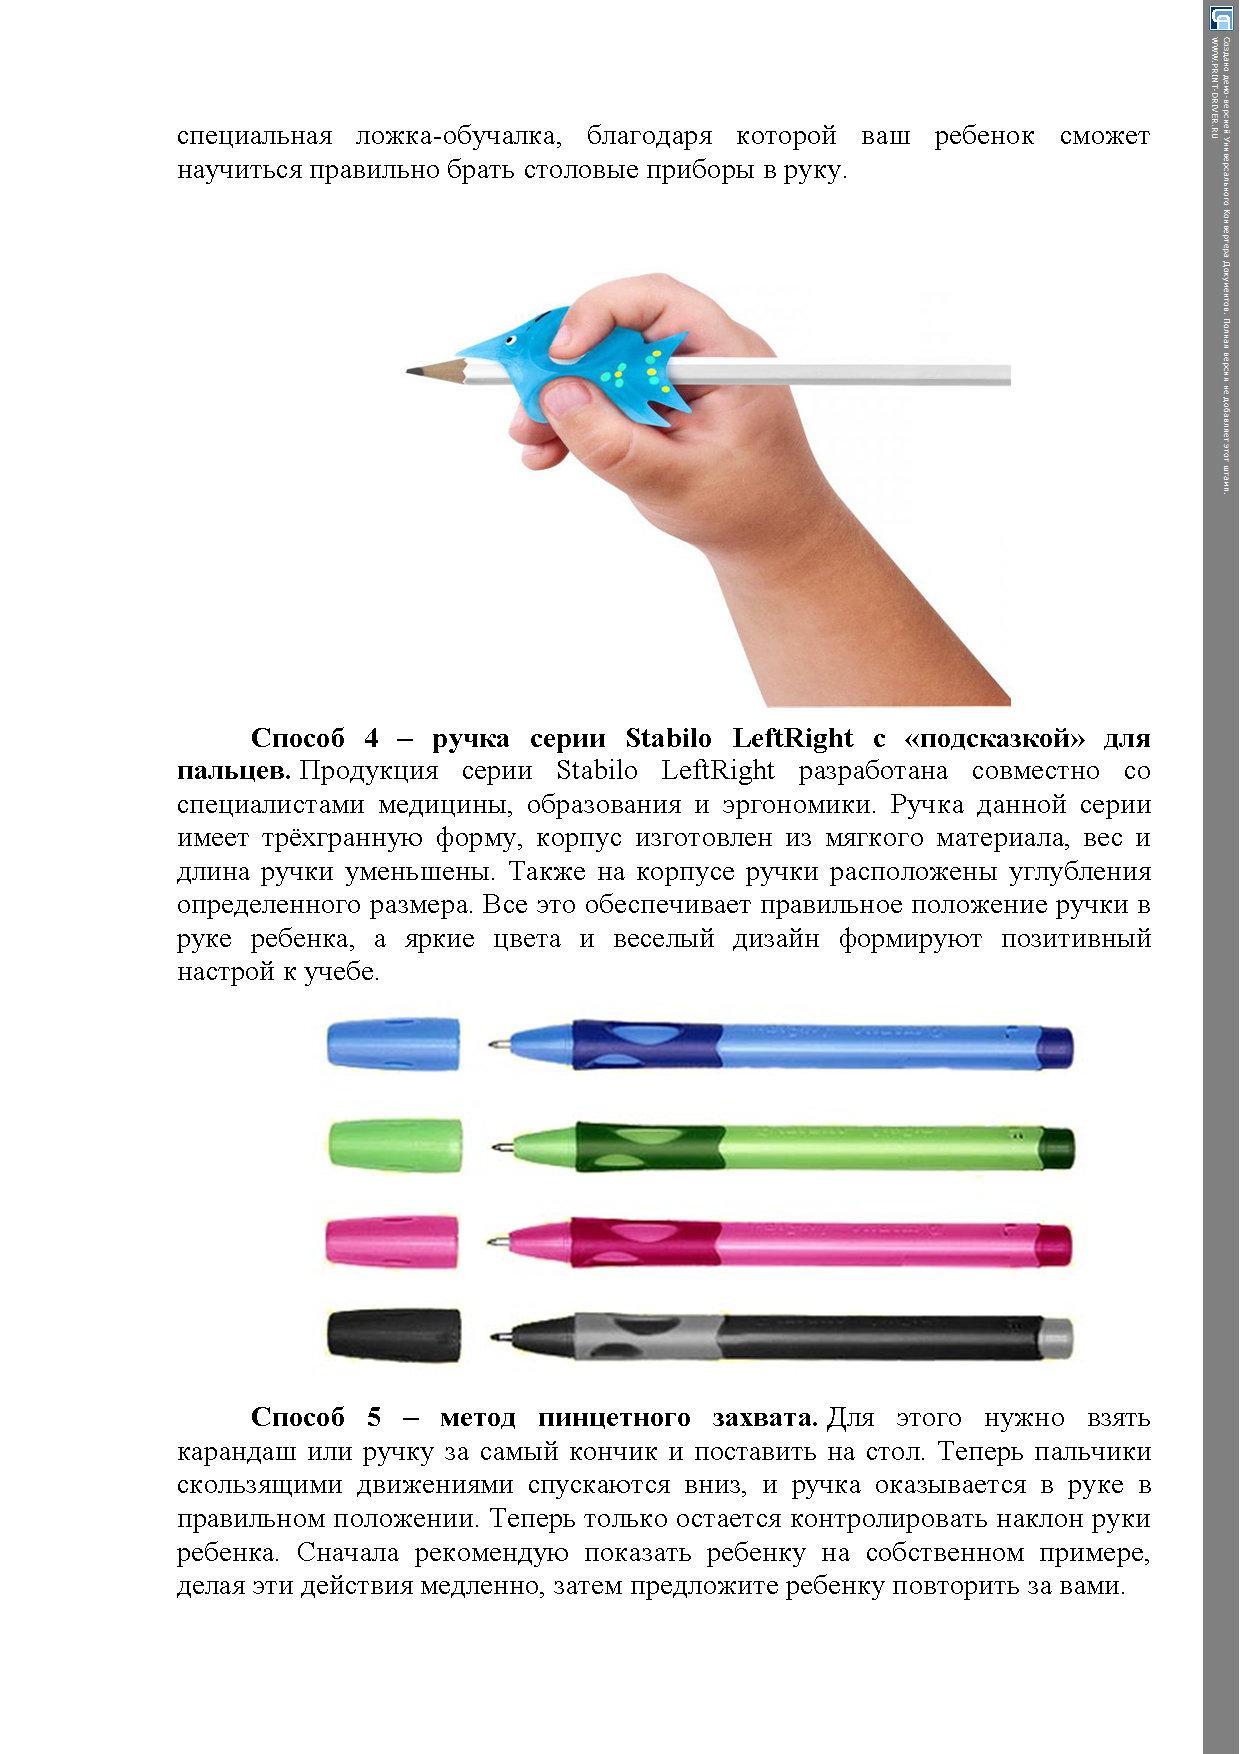 Простые способы научить ребёнка правильно держать ручку или карандаш